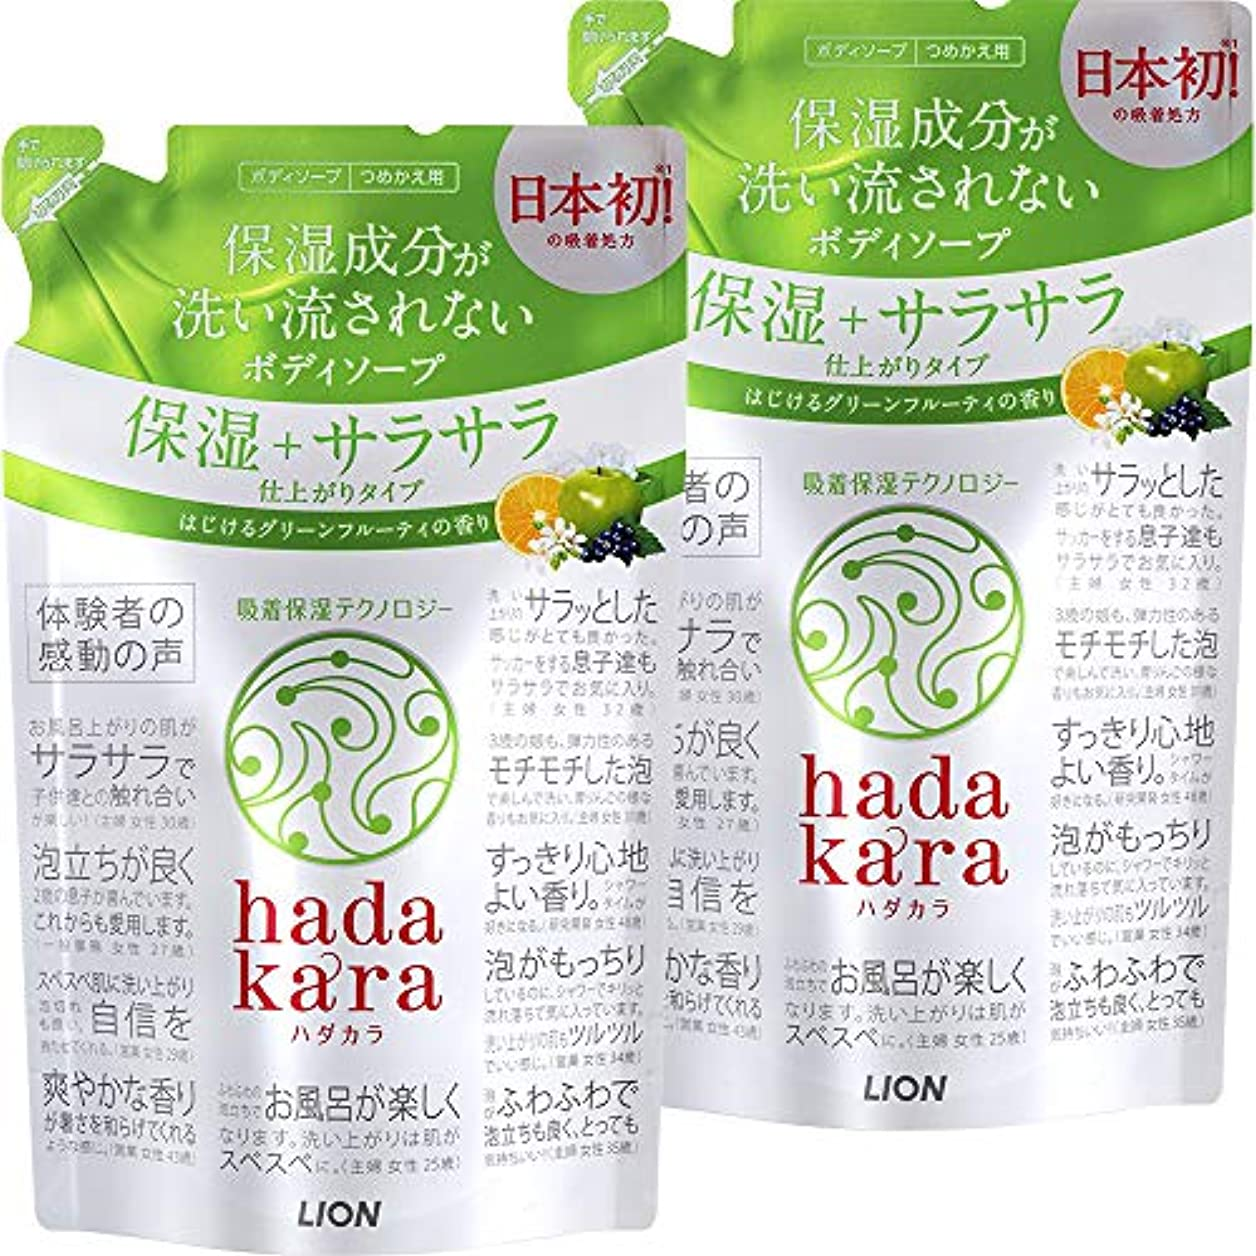 見落とす公平収穫【まとめ買い】hadakara(ハダカラ) ボディソープ 保湿+サラサラ仕上がりタイプ グリーンフルーティの香り 詰め替え 340ml×2個パック